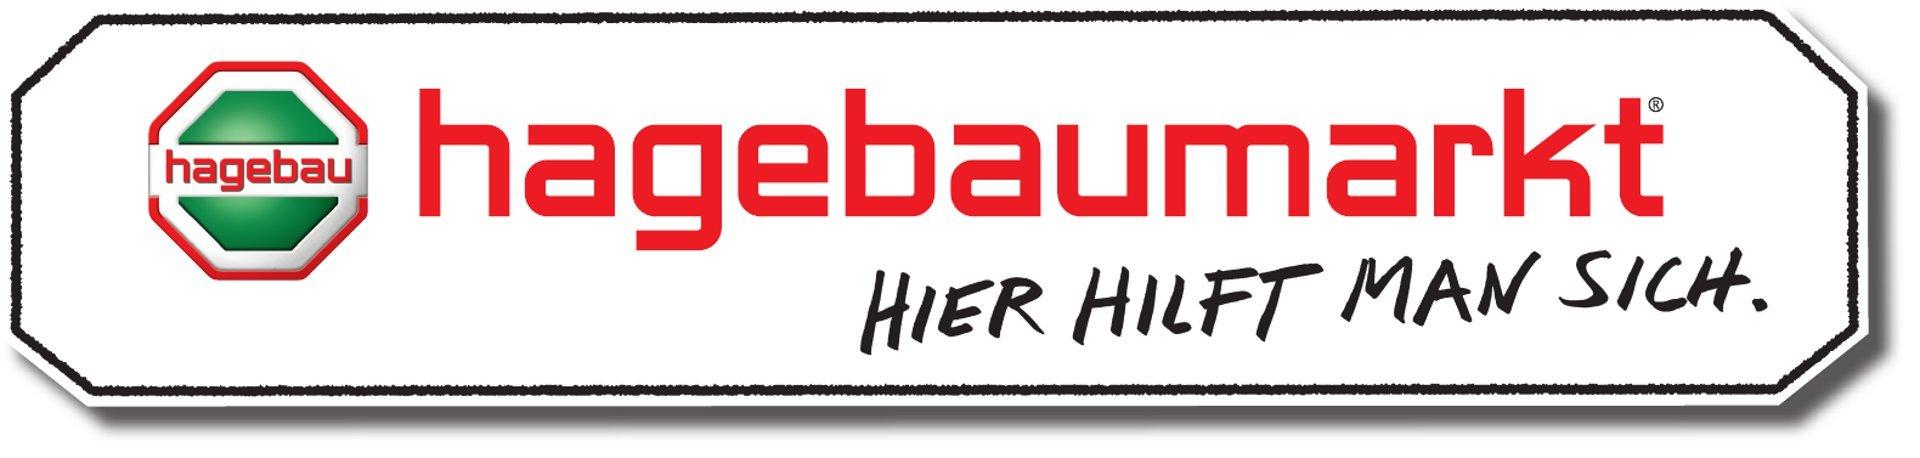 hbm_logo_claim_1920px.jpg